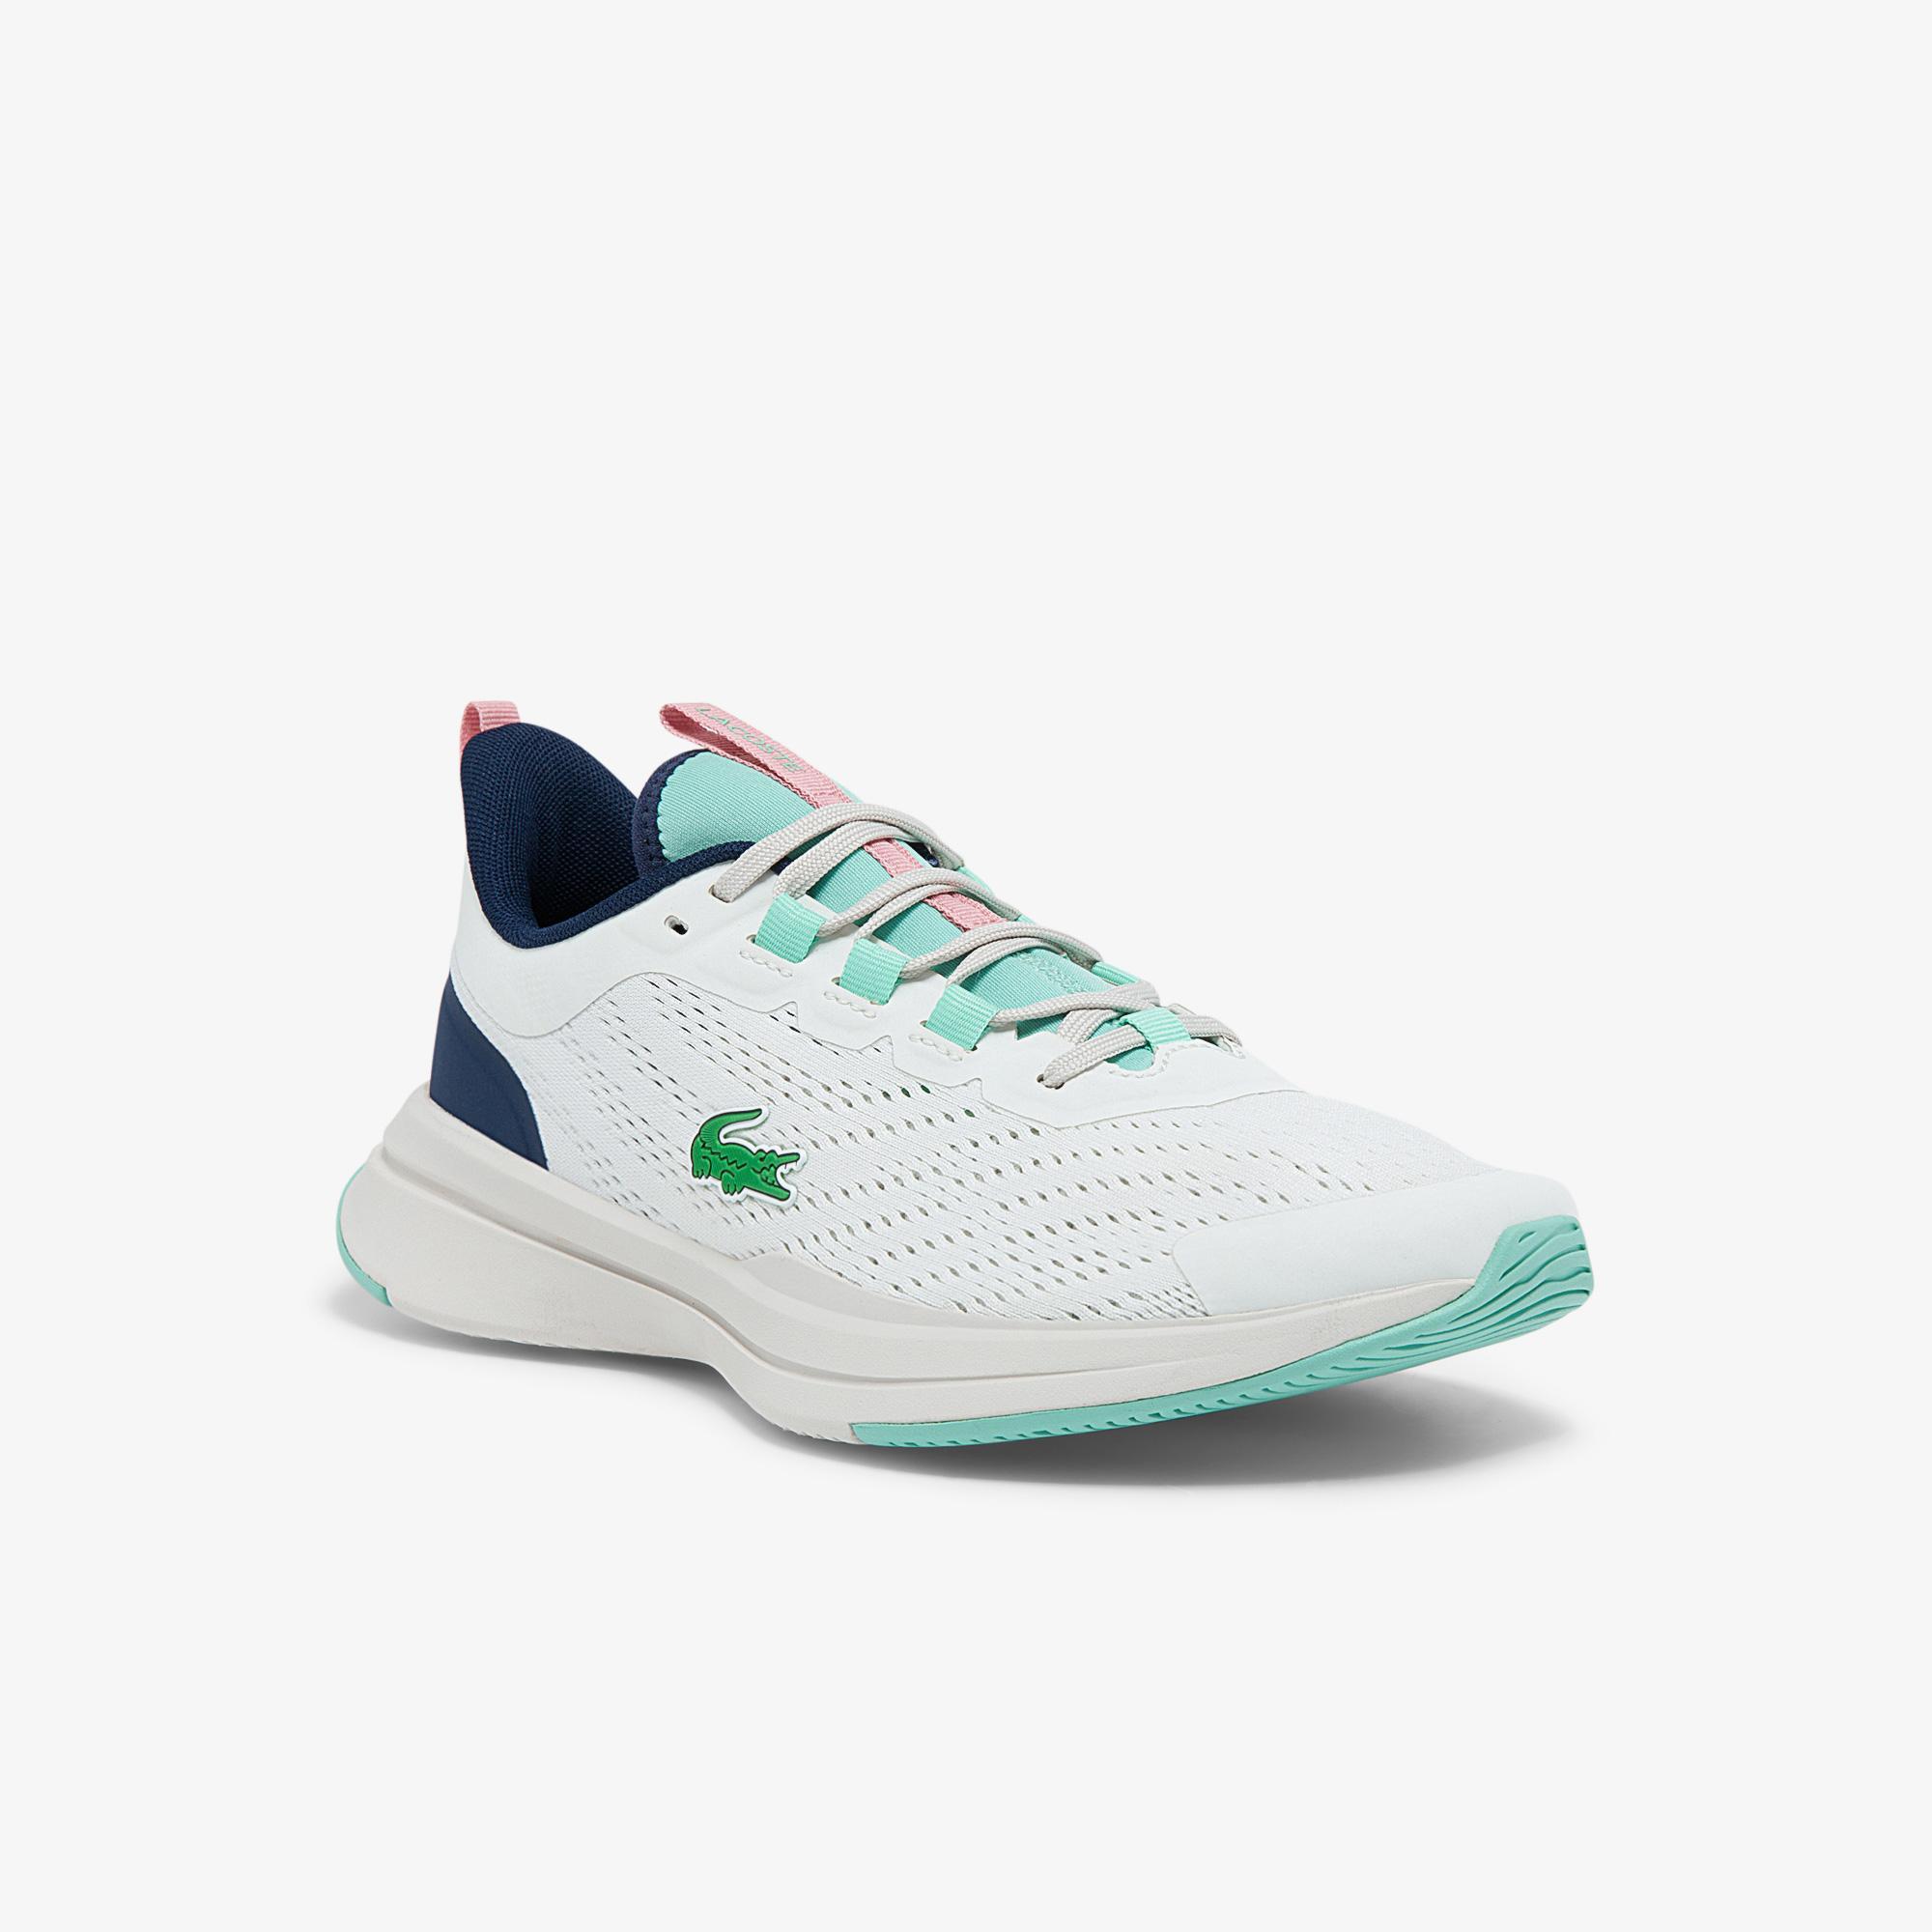 Lacoste Run Spin 0121 1 Sfa Kadın Beyaz - Mavi Sneaker